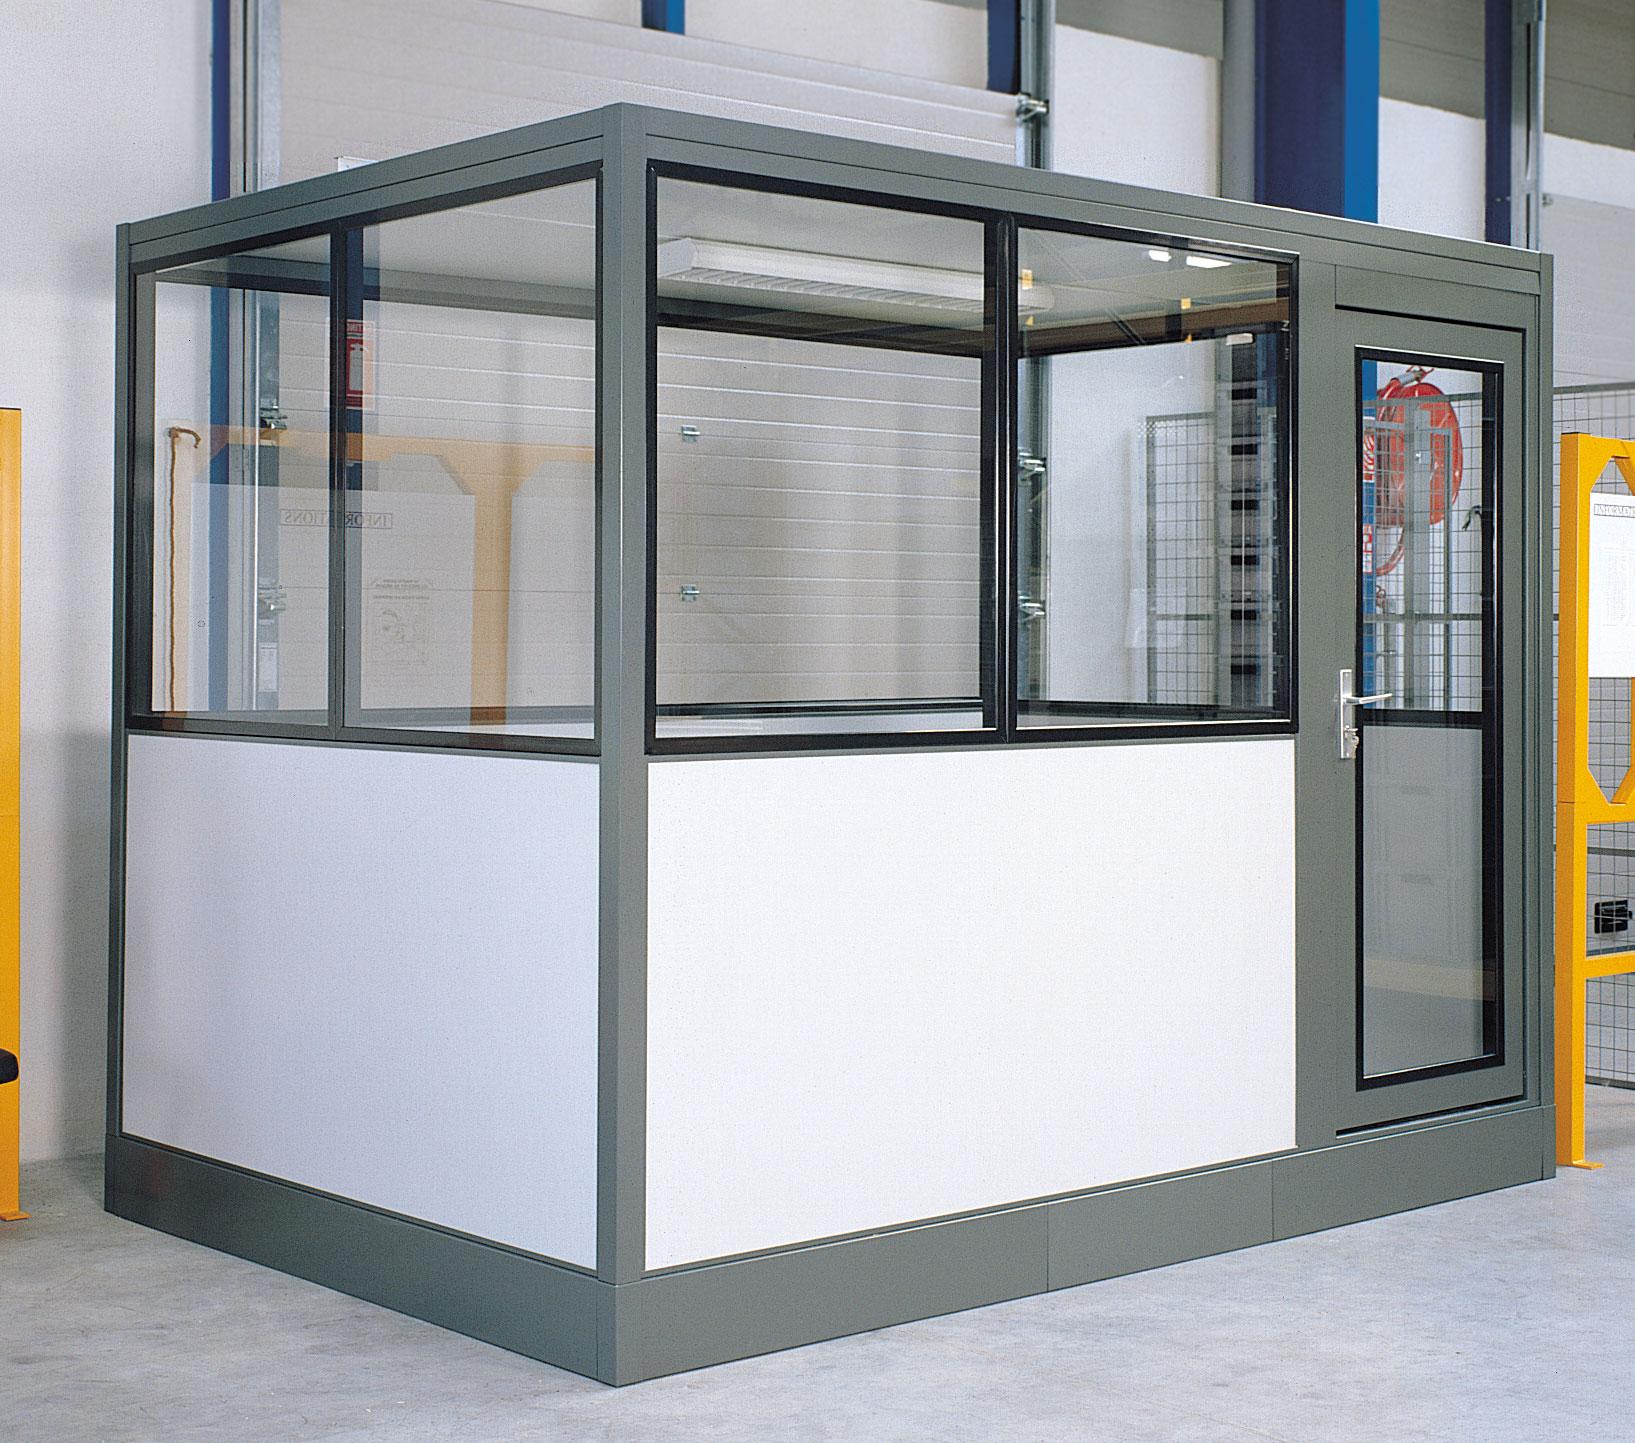 Bureau d'atelier 6x2 mètres